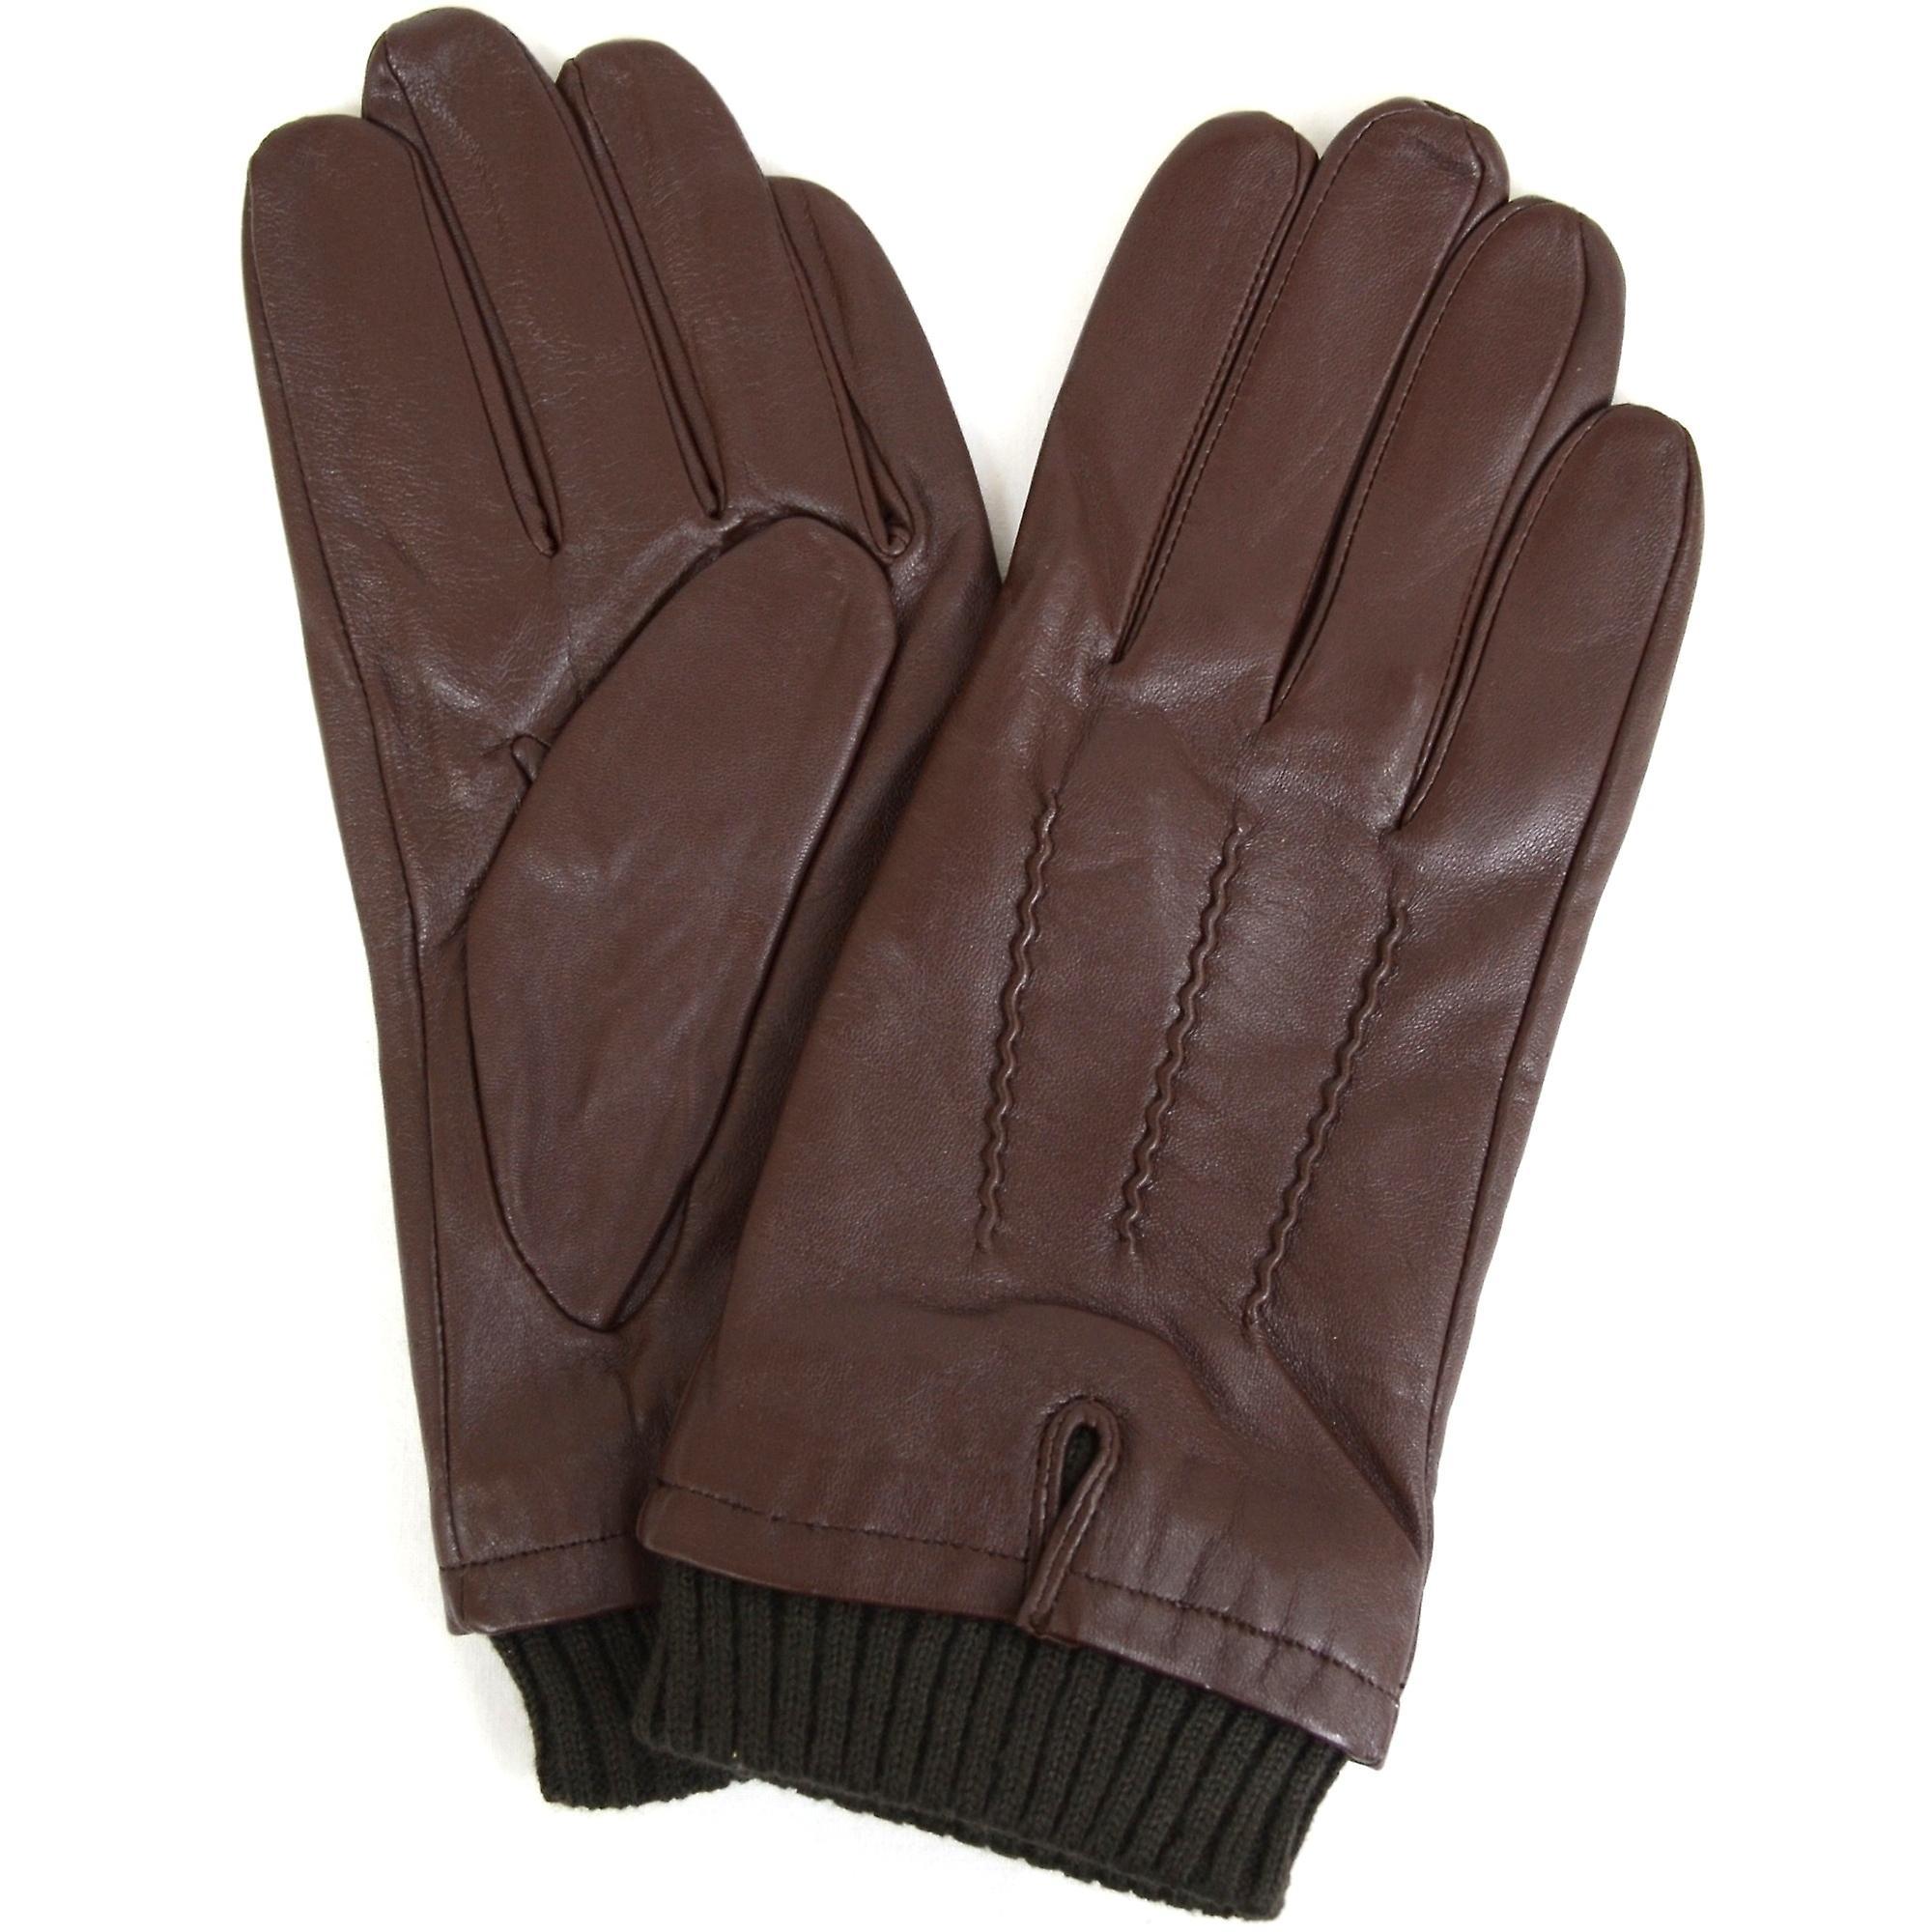 a5370a759ed Læder strikket Rib manchet handsker - brun | Fruugo